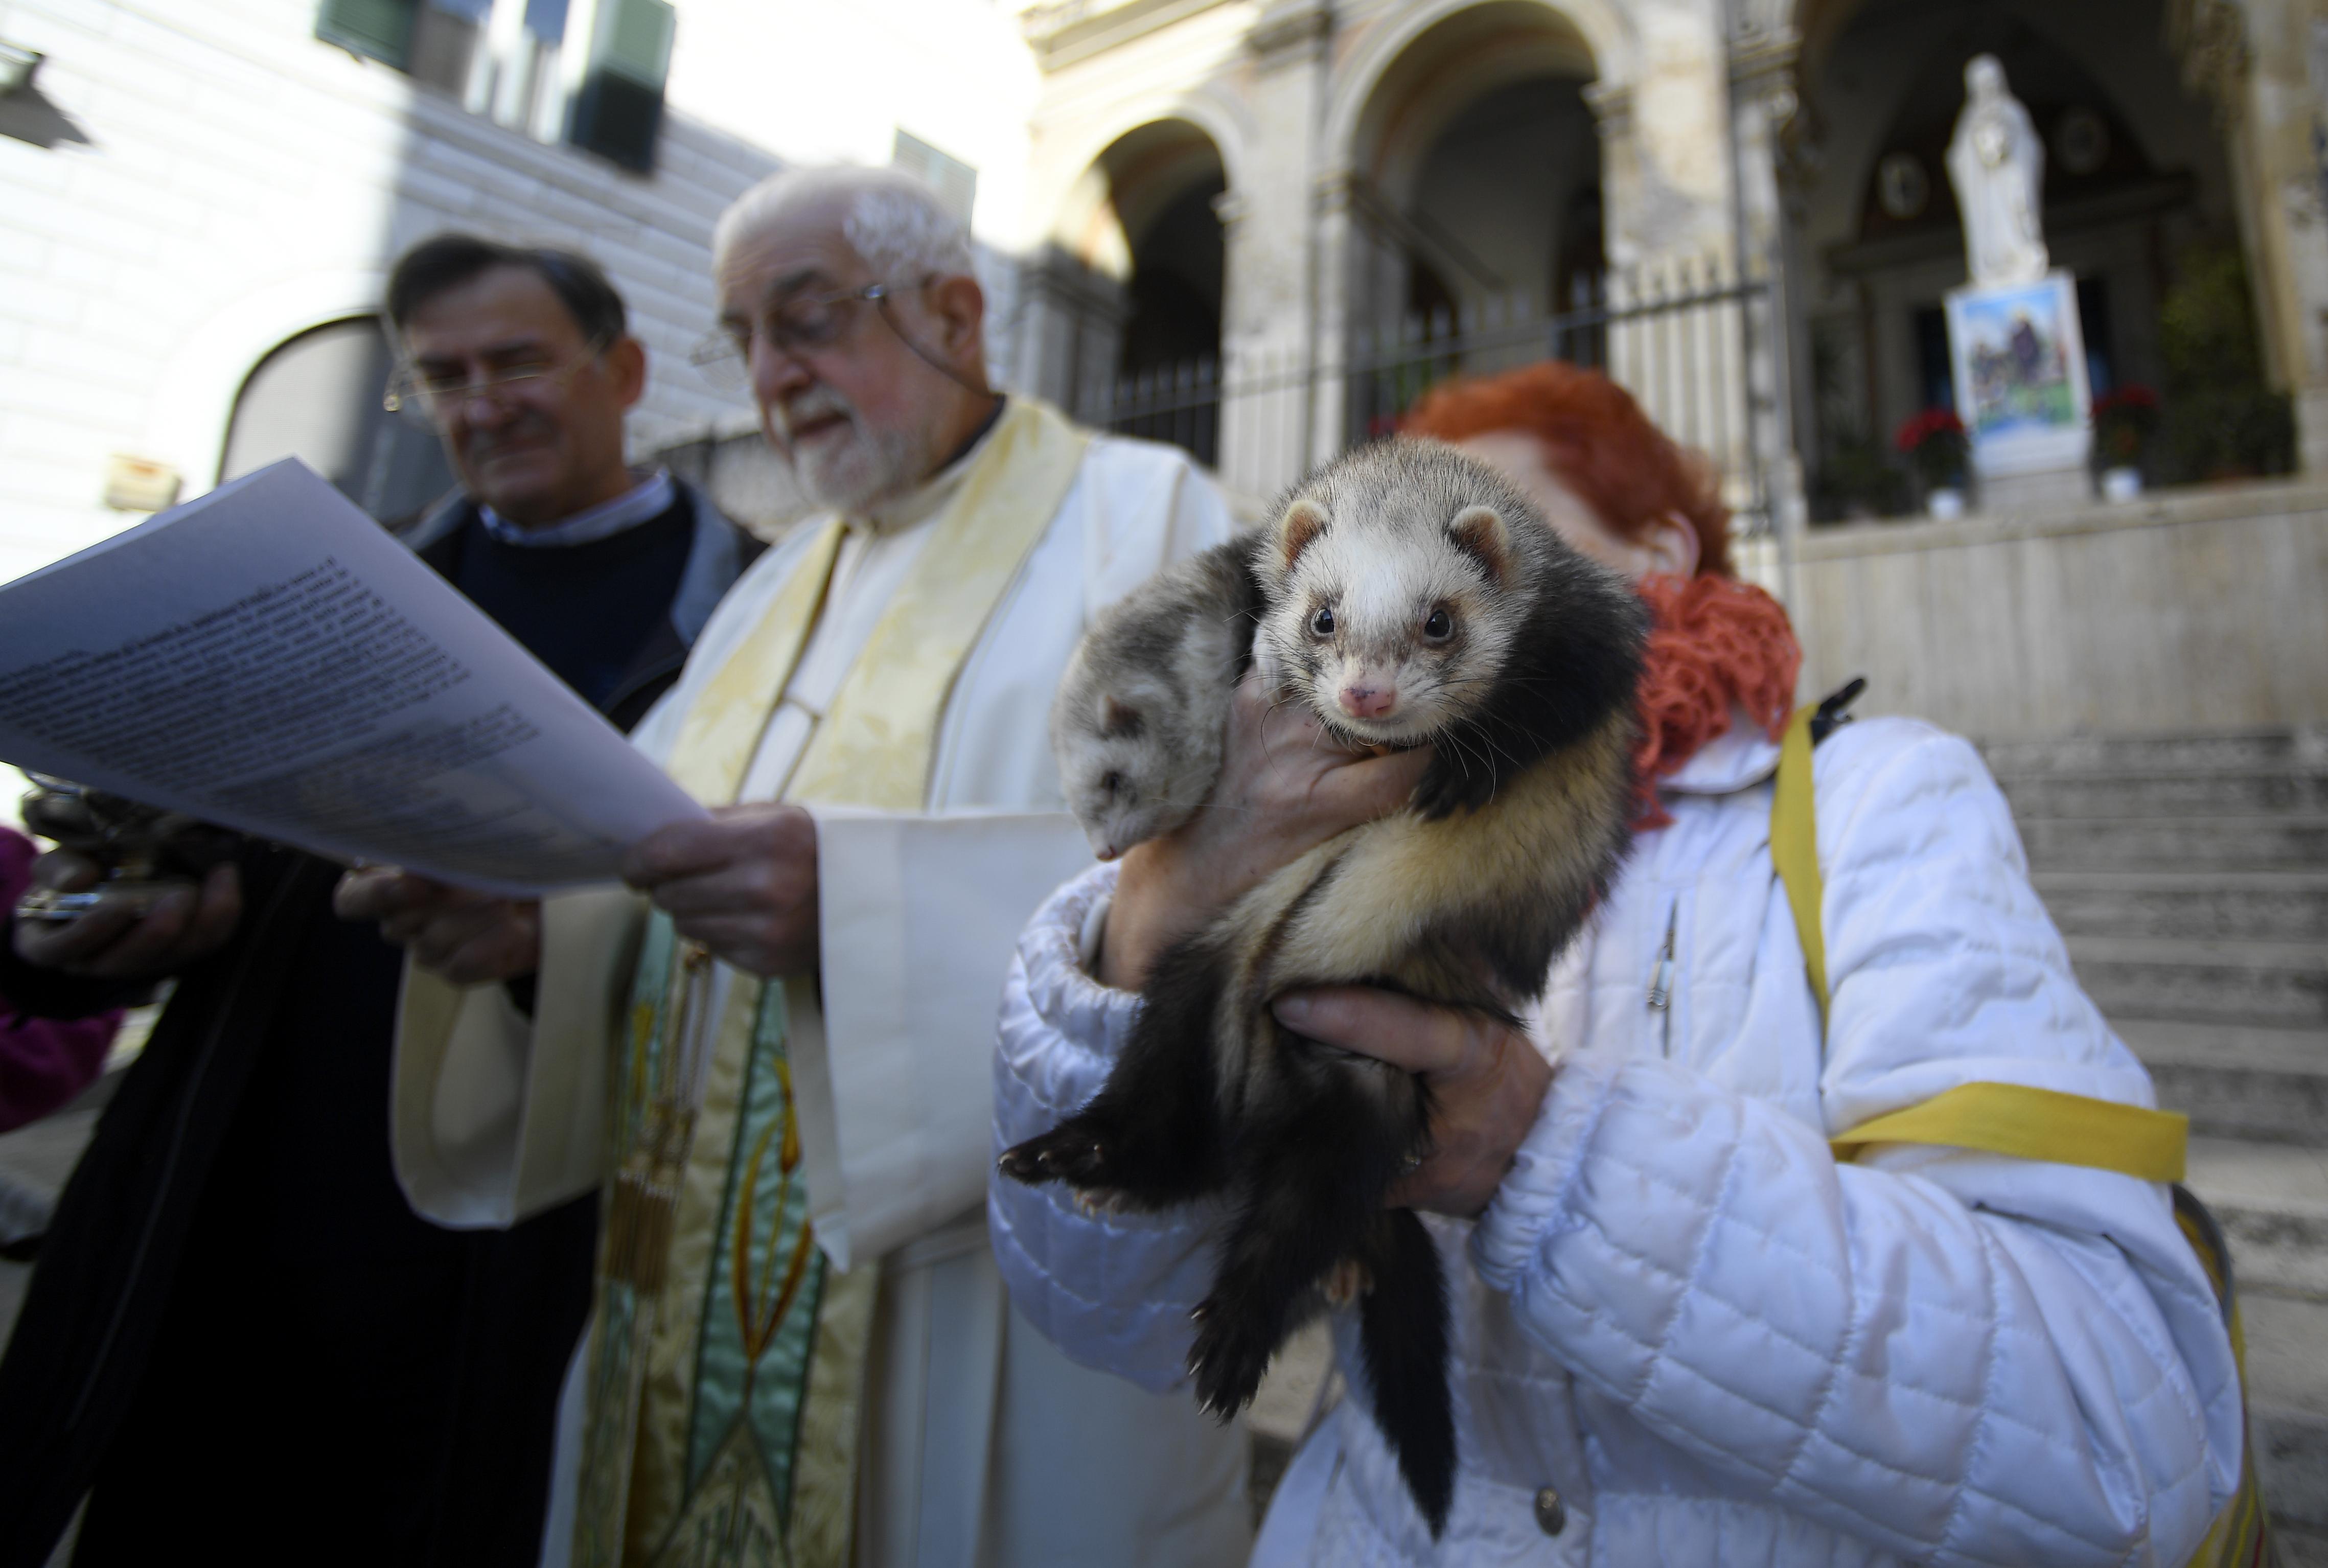 امرأة تمسك بحيوان النمس في كنيسة في روما بإيطاليا - صورة بتاريخ 17 يناير 2020